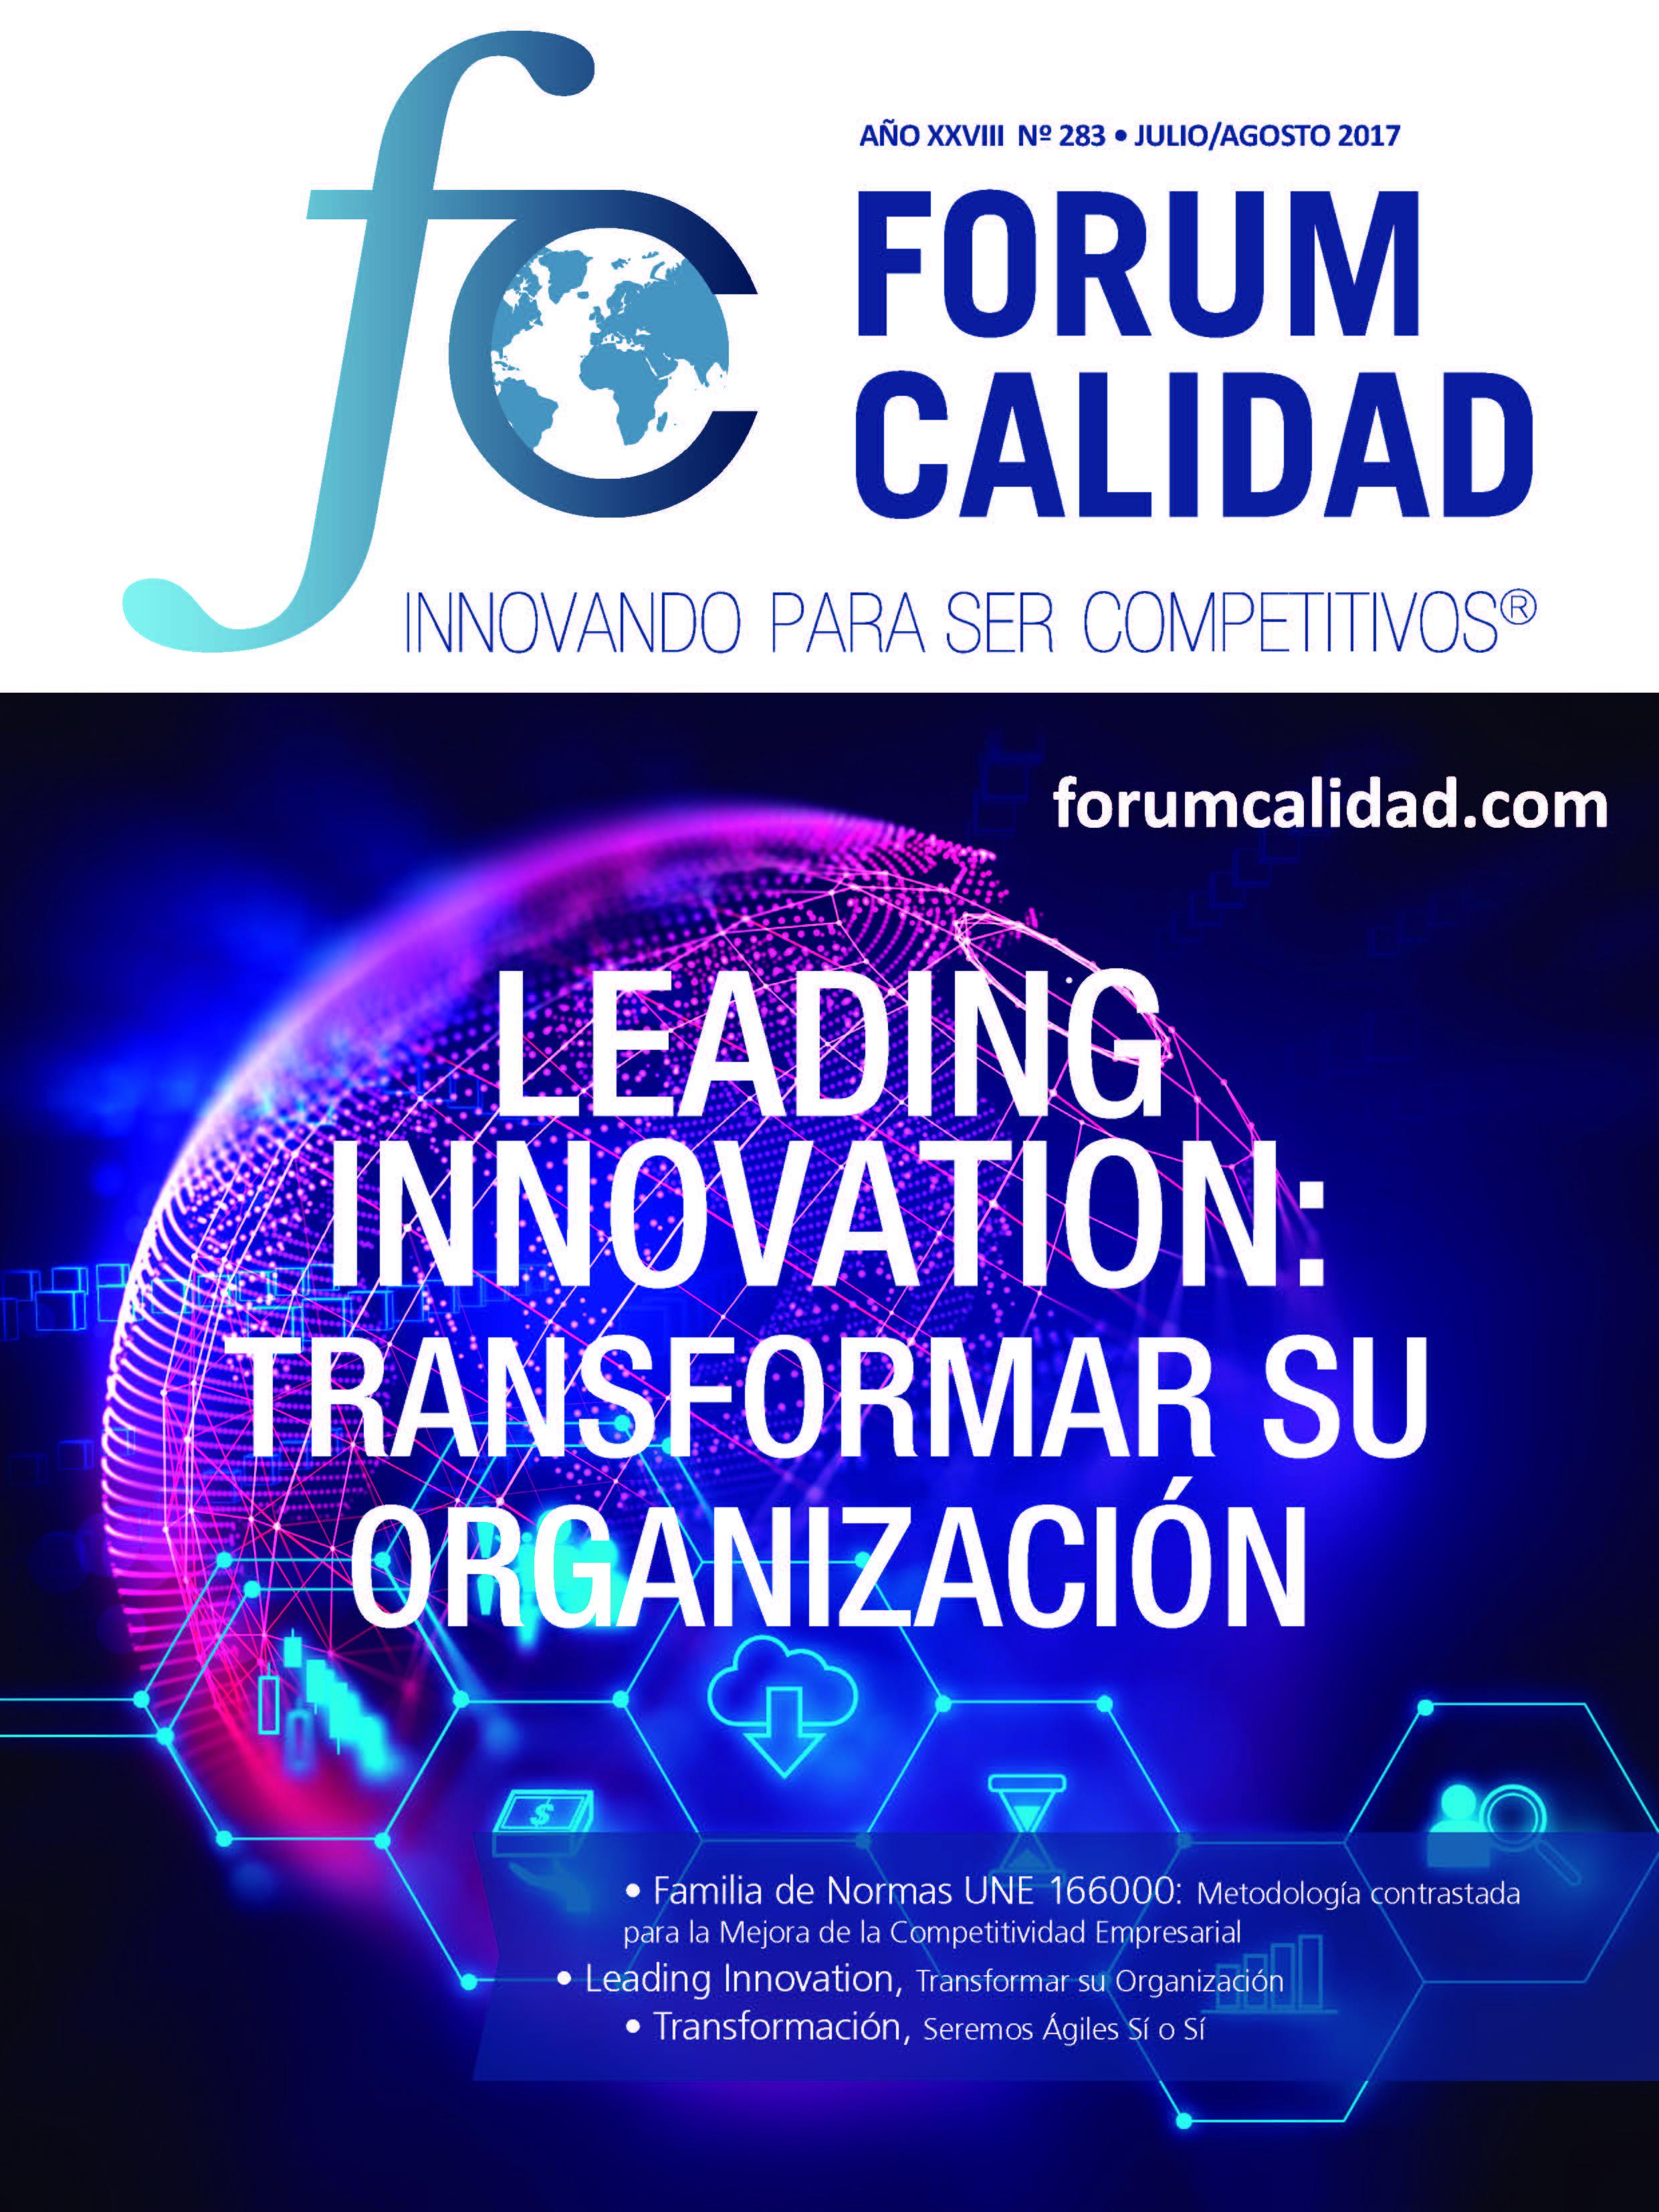 Forum Calidad nº 283 Julio/Agosto 2017